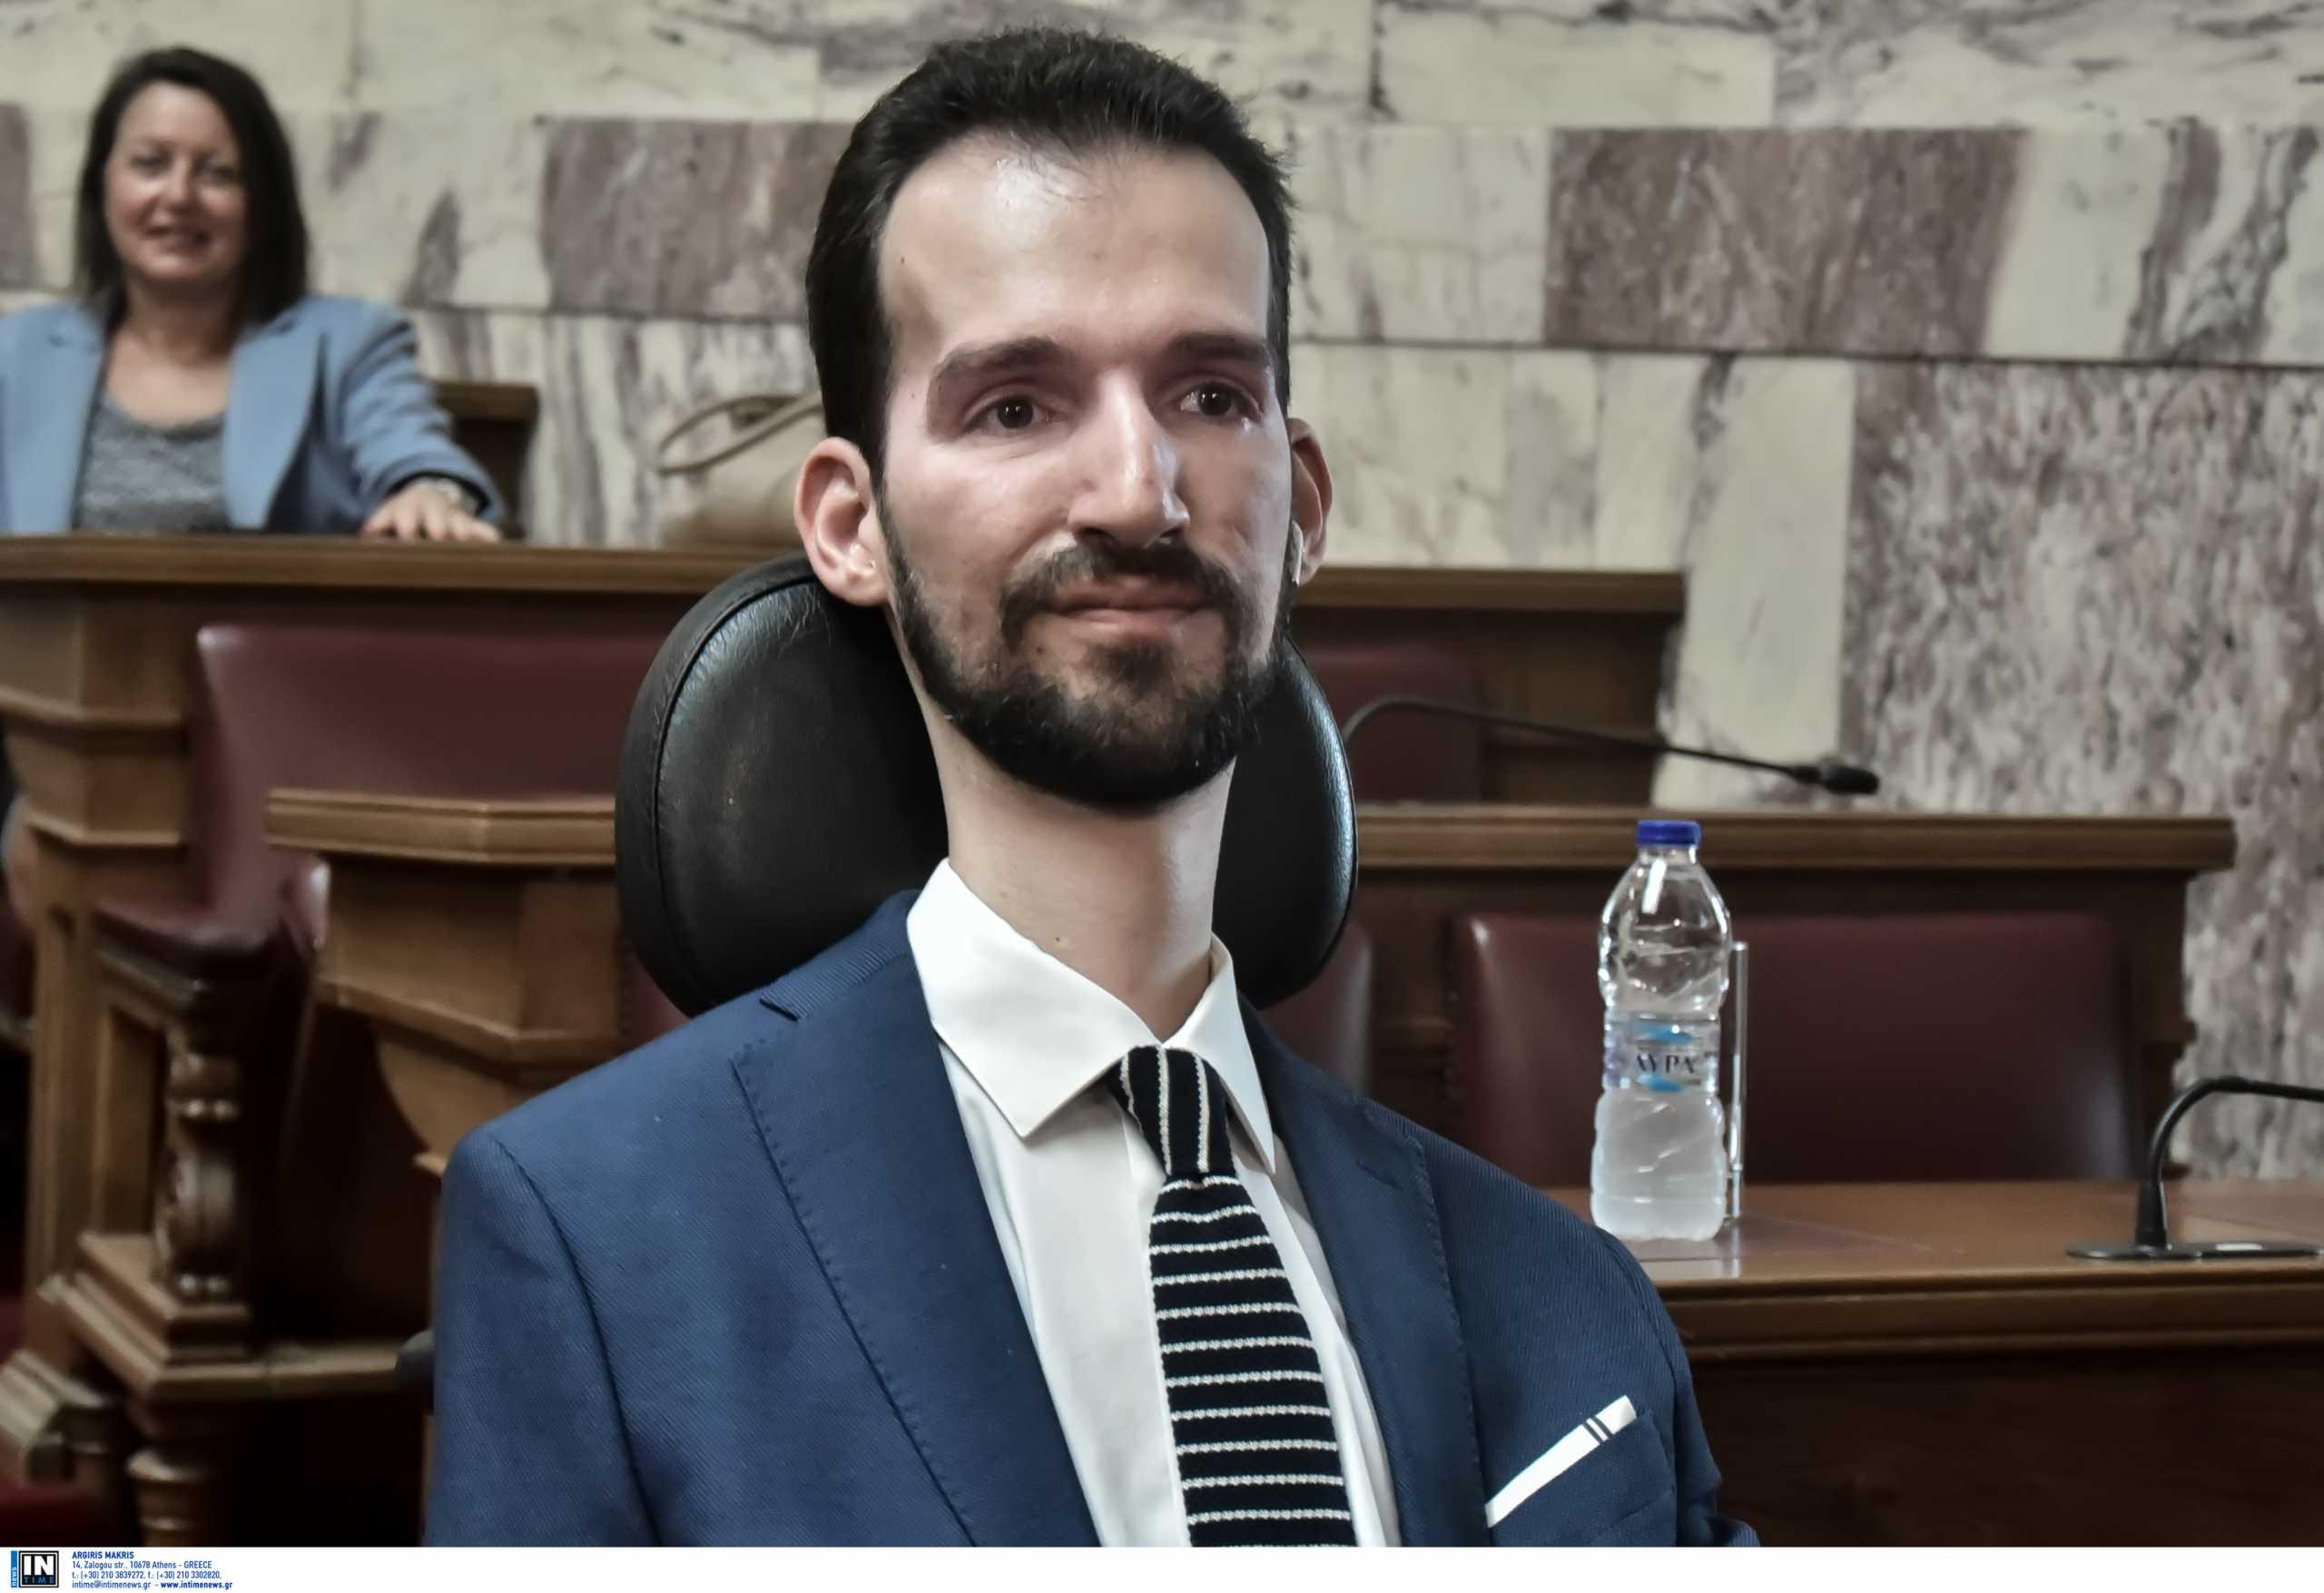 Κυμπουρόπουλος μετά το σάλο: Ζητώ συγγνώμη, δεν είμαι κατά των αμβλώσεων